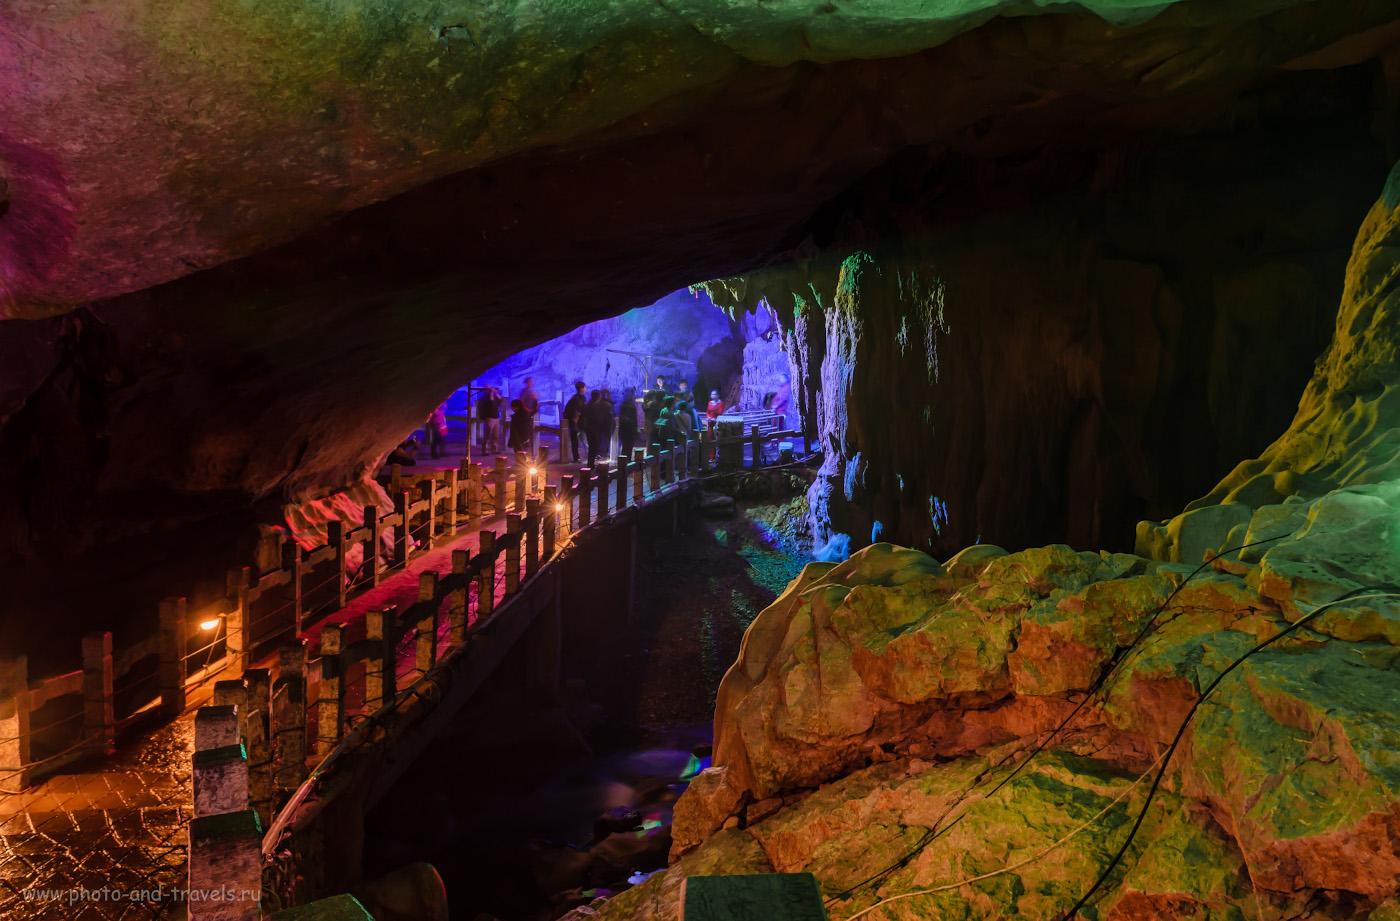 Фото 4. Экскурсионные туры в Китай. Поездка в Гуйлинь. Подземный мост в Guanyan Cave (6 секунд, f/8, 17мм, 100)